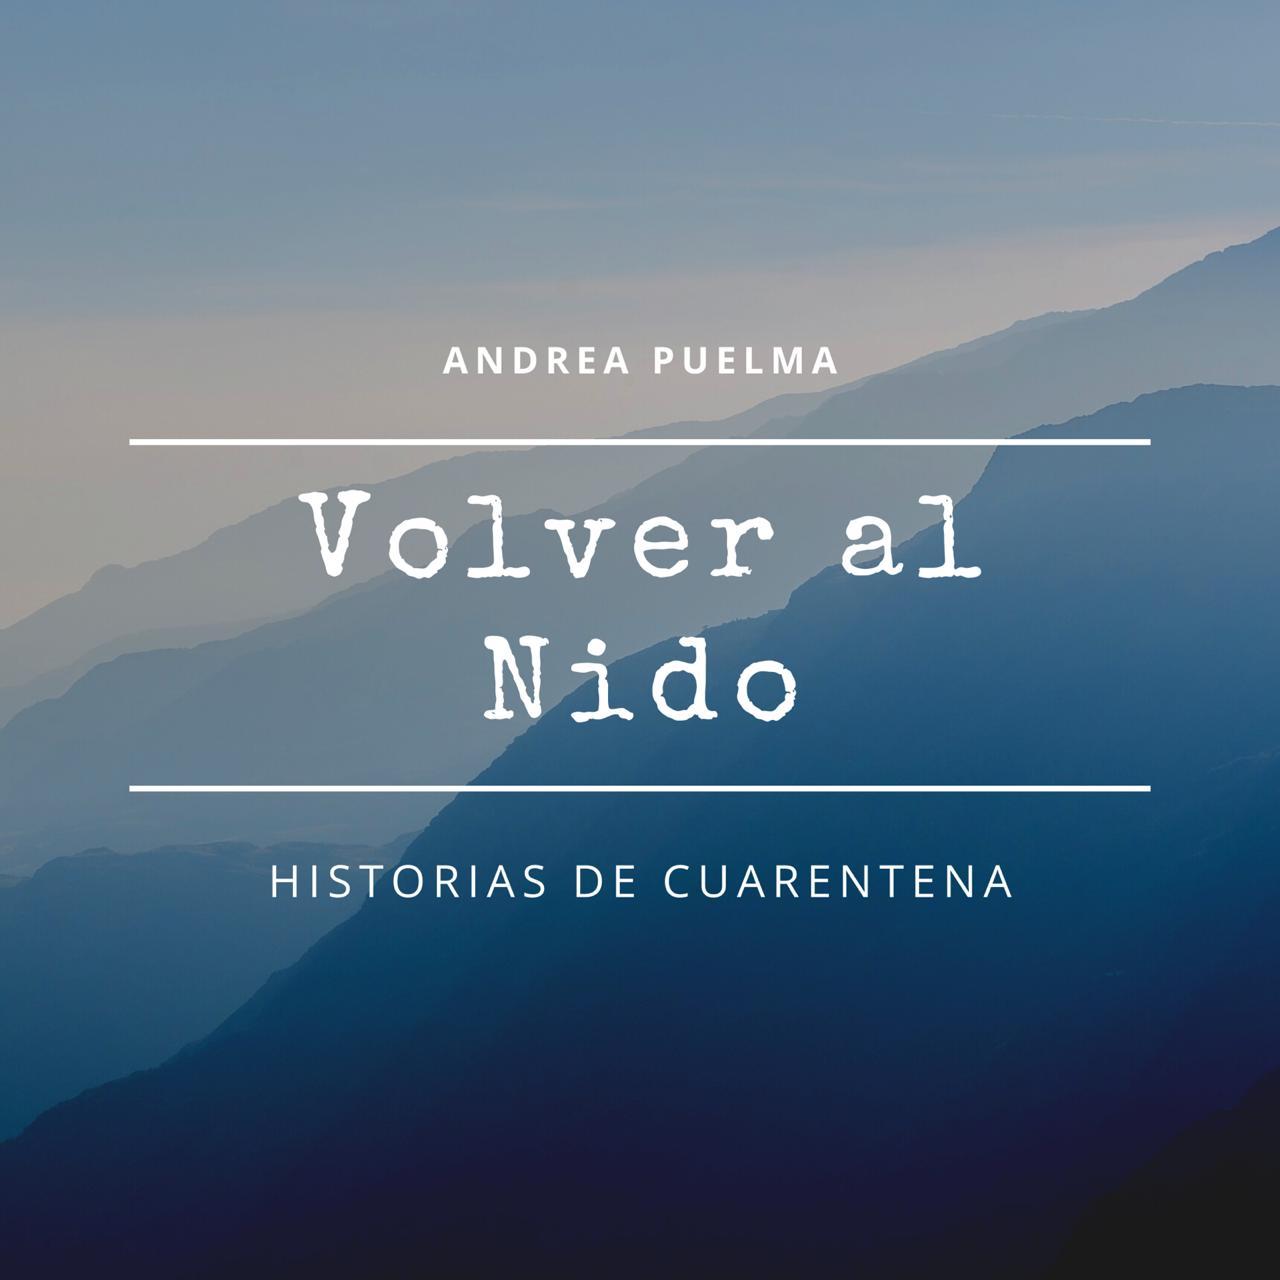 Volver al Nido - Andrea Puelma